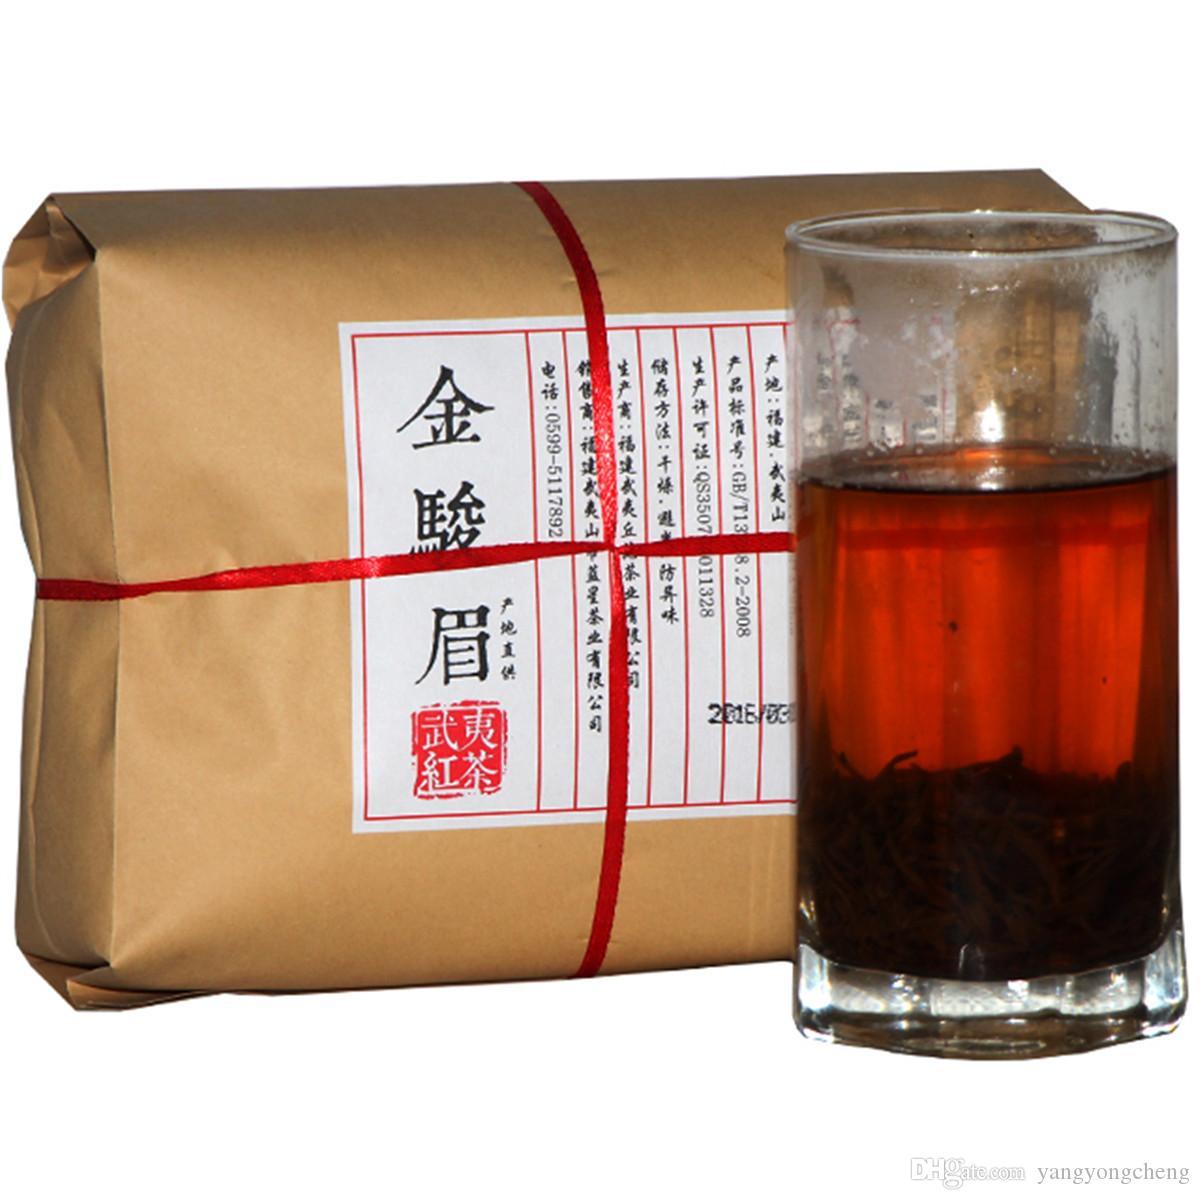 Sıcak satışların 500g Çin Organik Siyah Çay Jinjunmei Çay Organik Altın Kaş Wuyi Kim Chun Mei Sağlık Yeni Pişmiş Çay